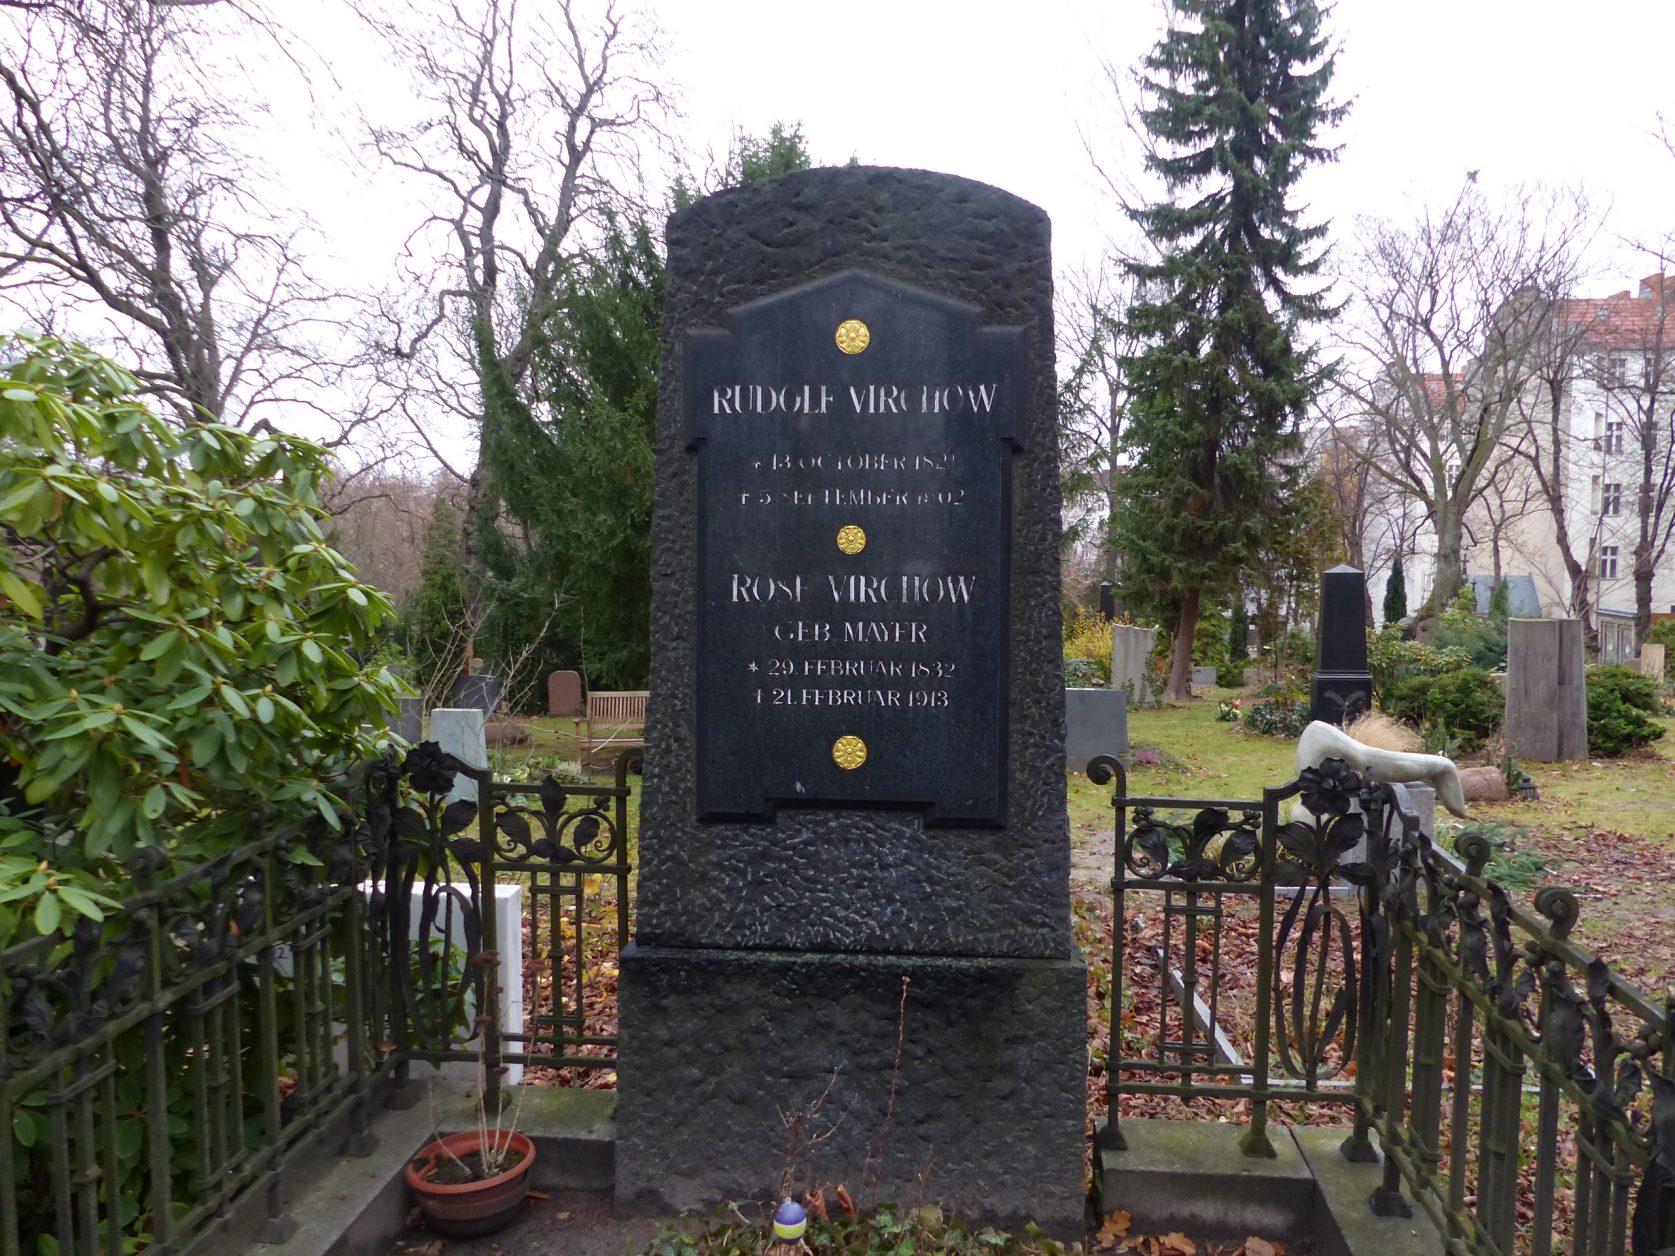 Ludwig Karl Virchow vertrat eine sowohl naturwissenschaftlich wie sozial orientierte Medizin